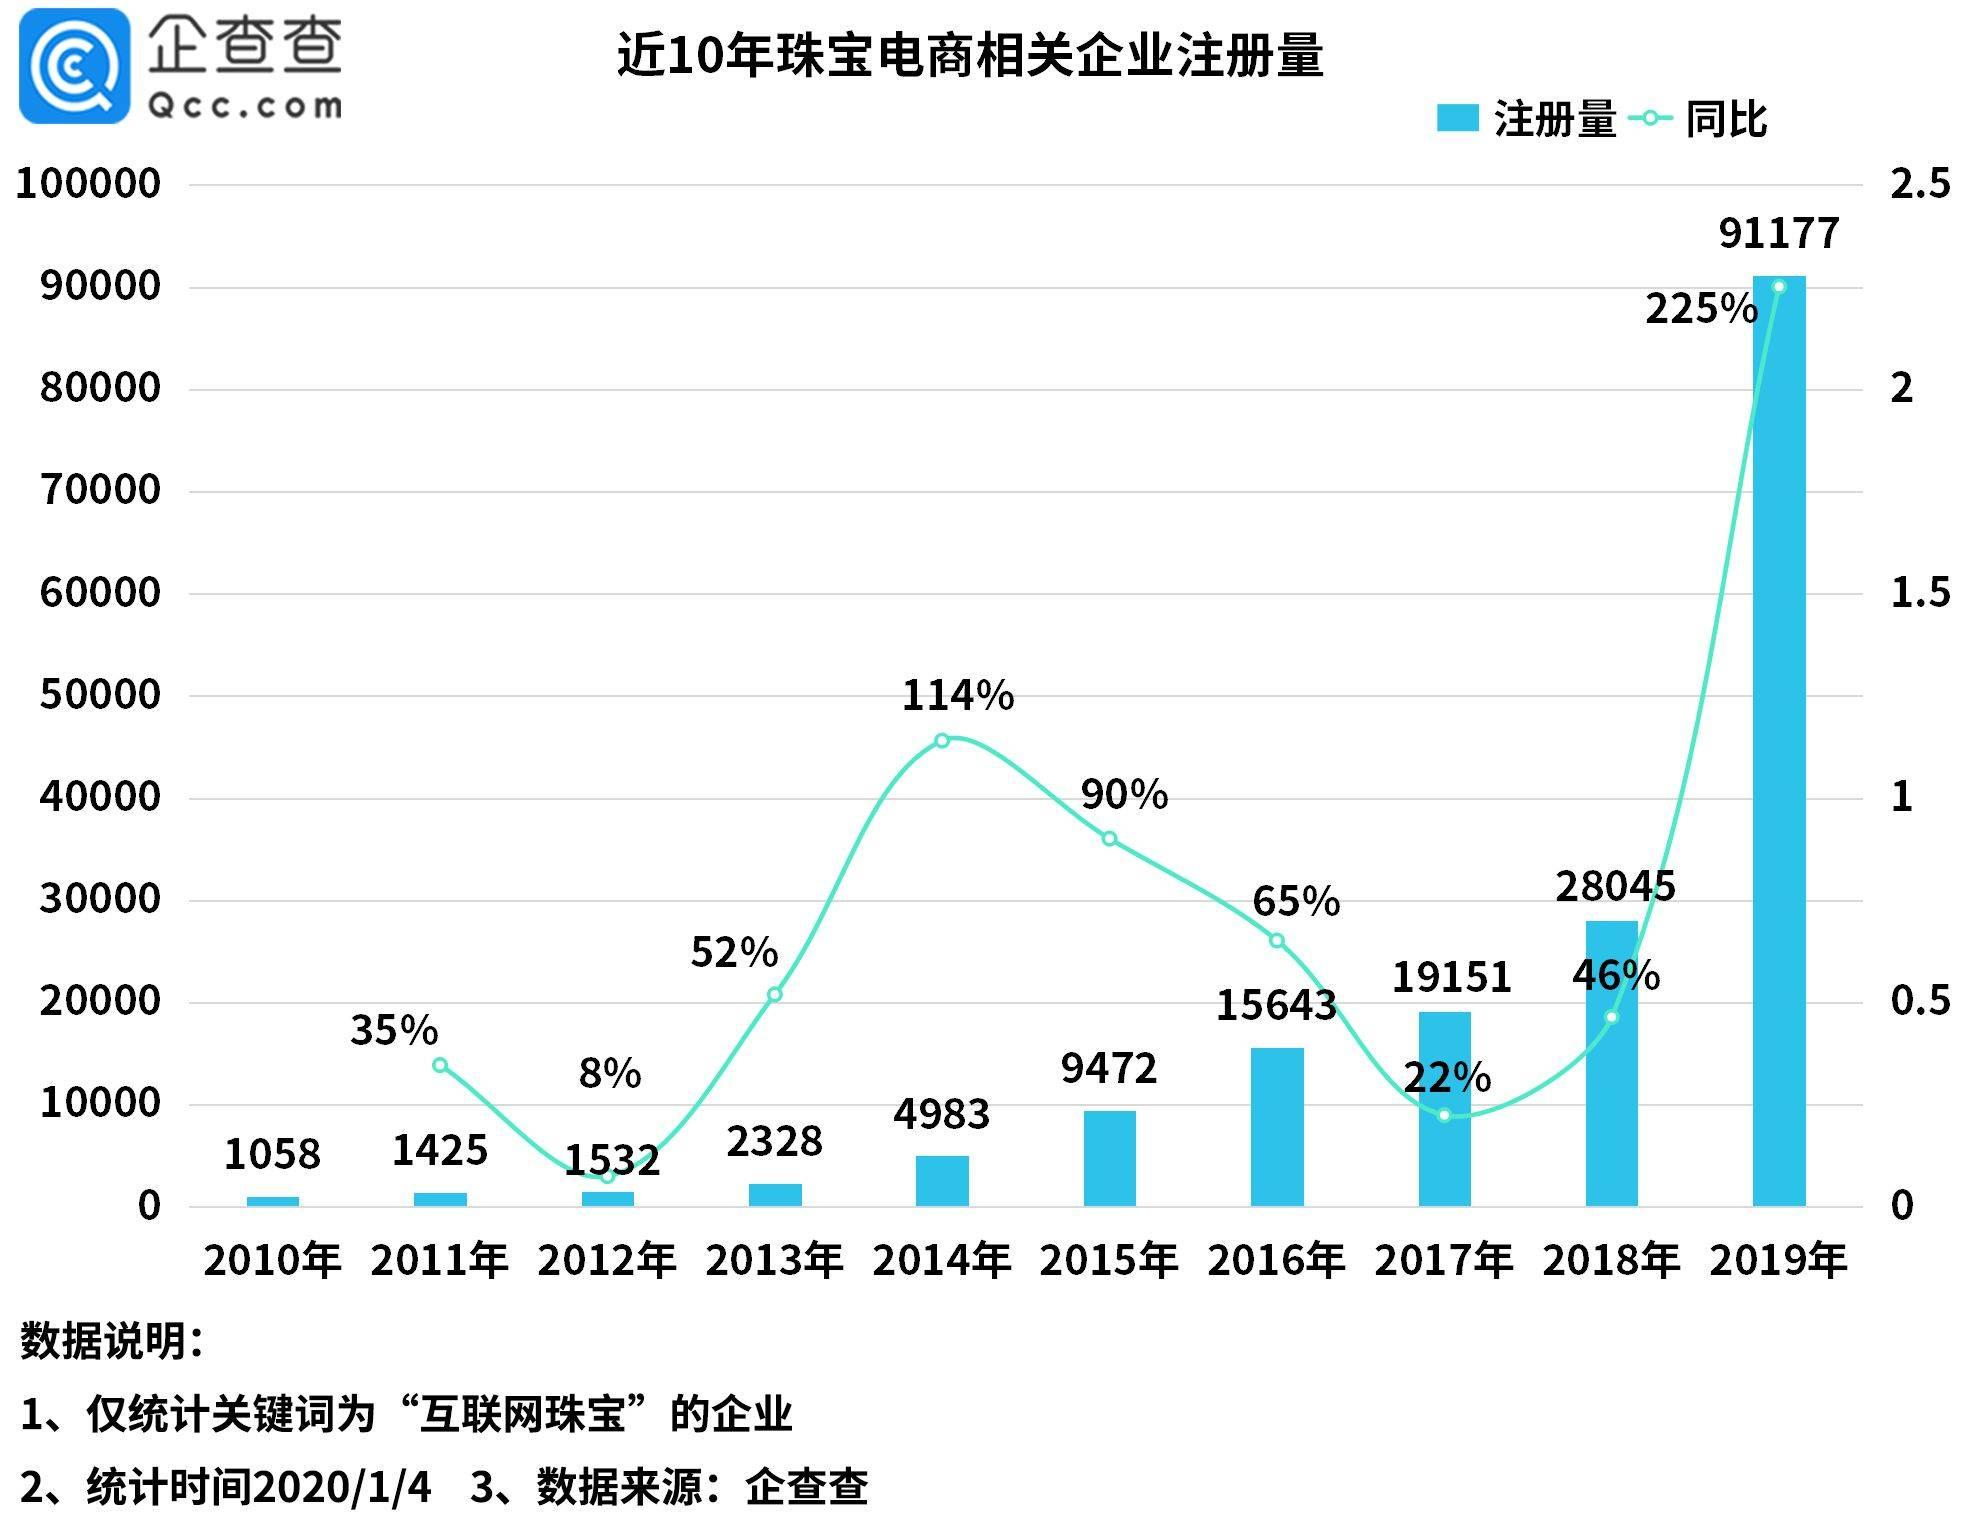 2020年我国珠宝电商相关企业注册量同比大增402%